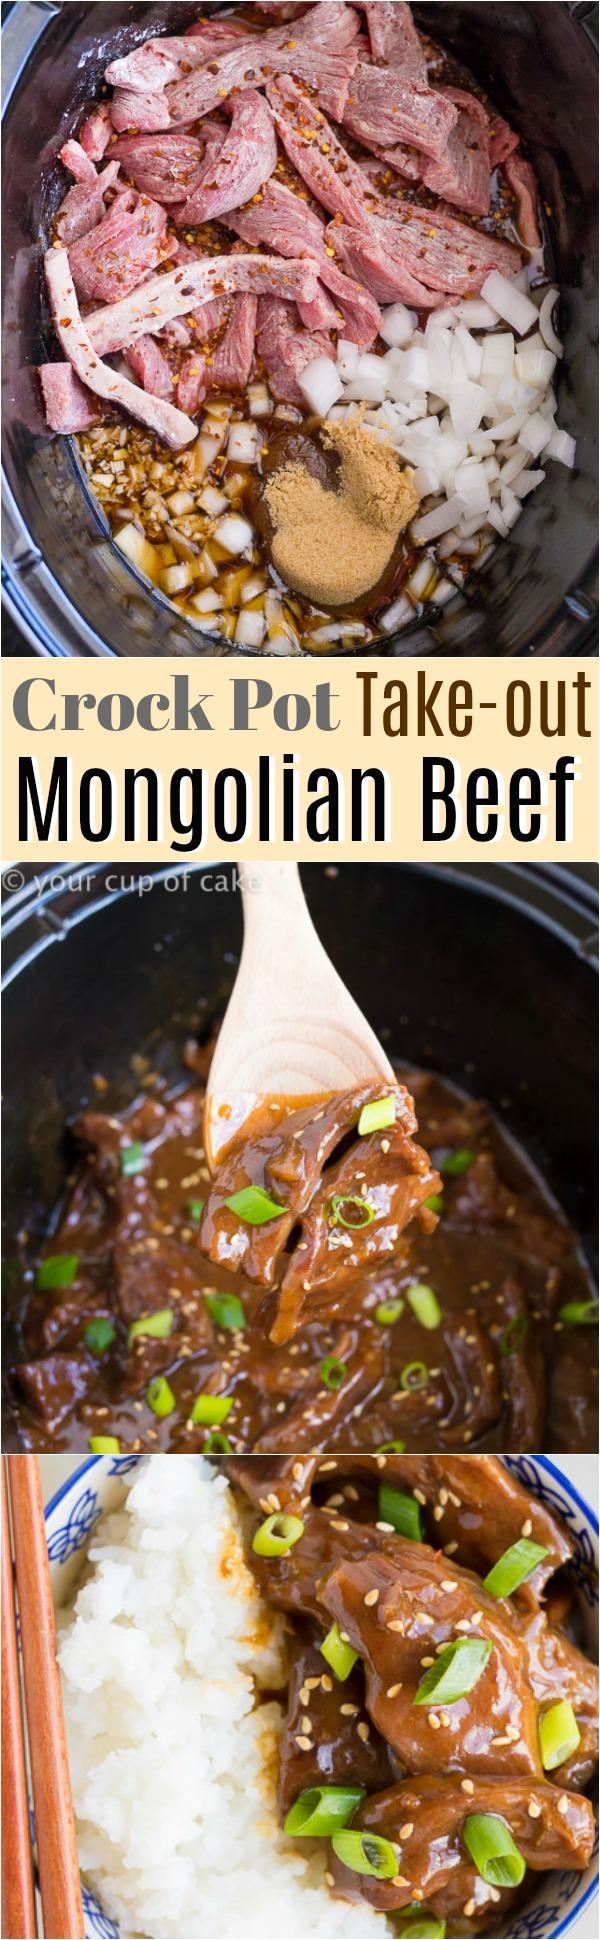 Crockpot Take out Mongolian Beef